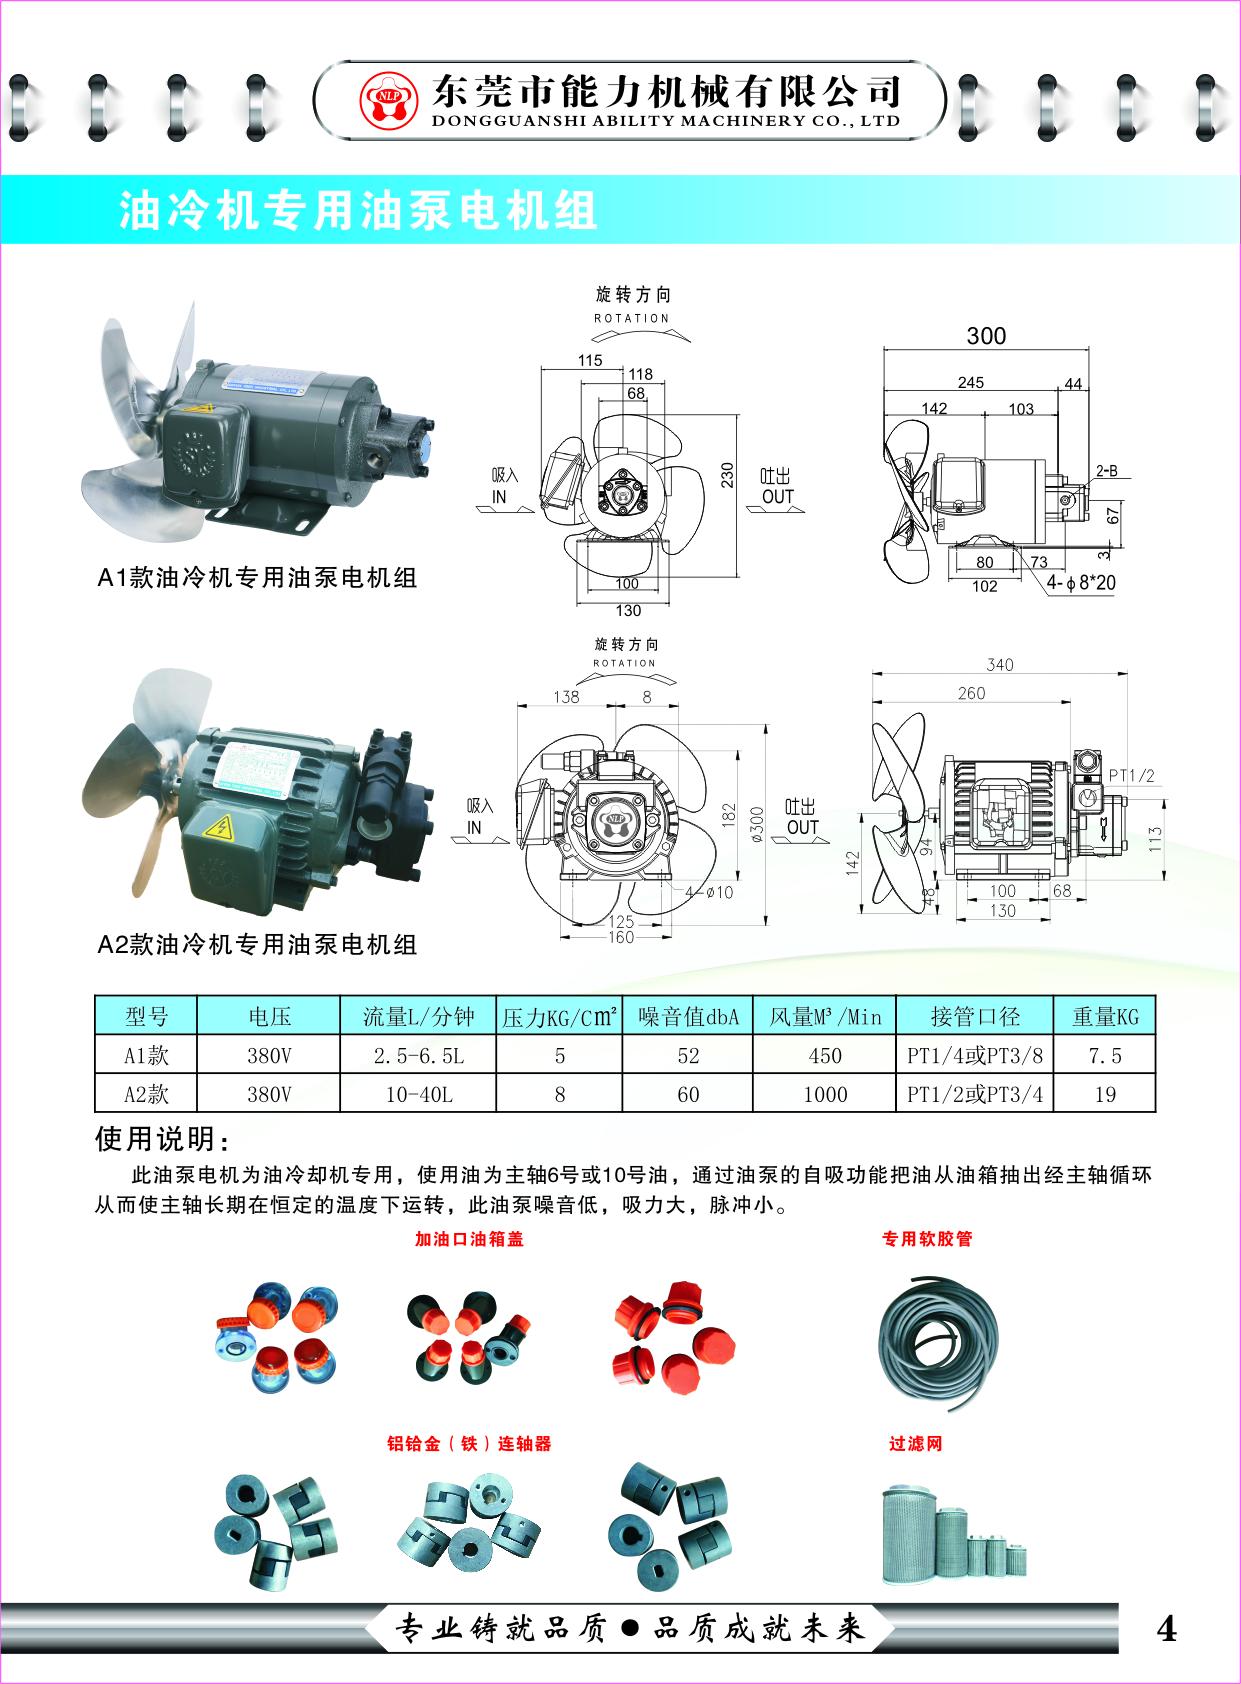 能力机械2019画册-04